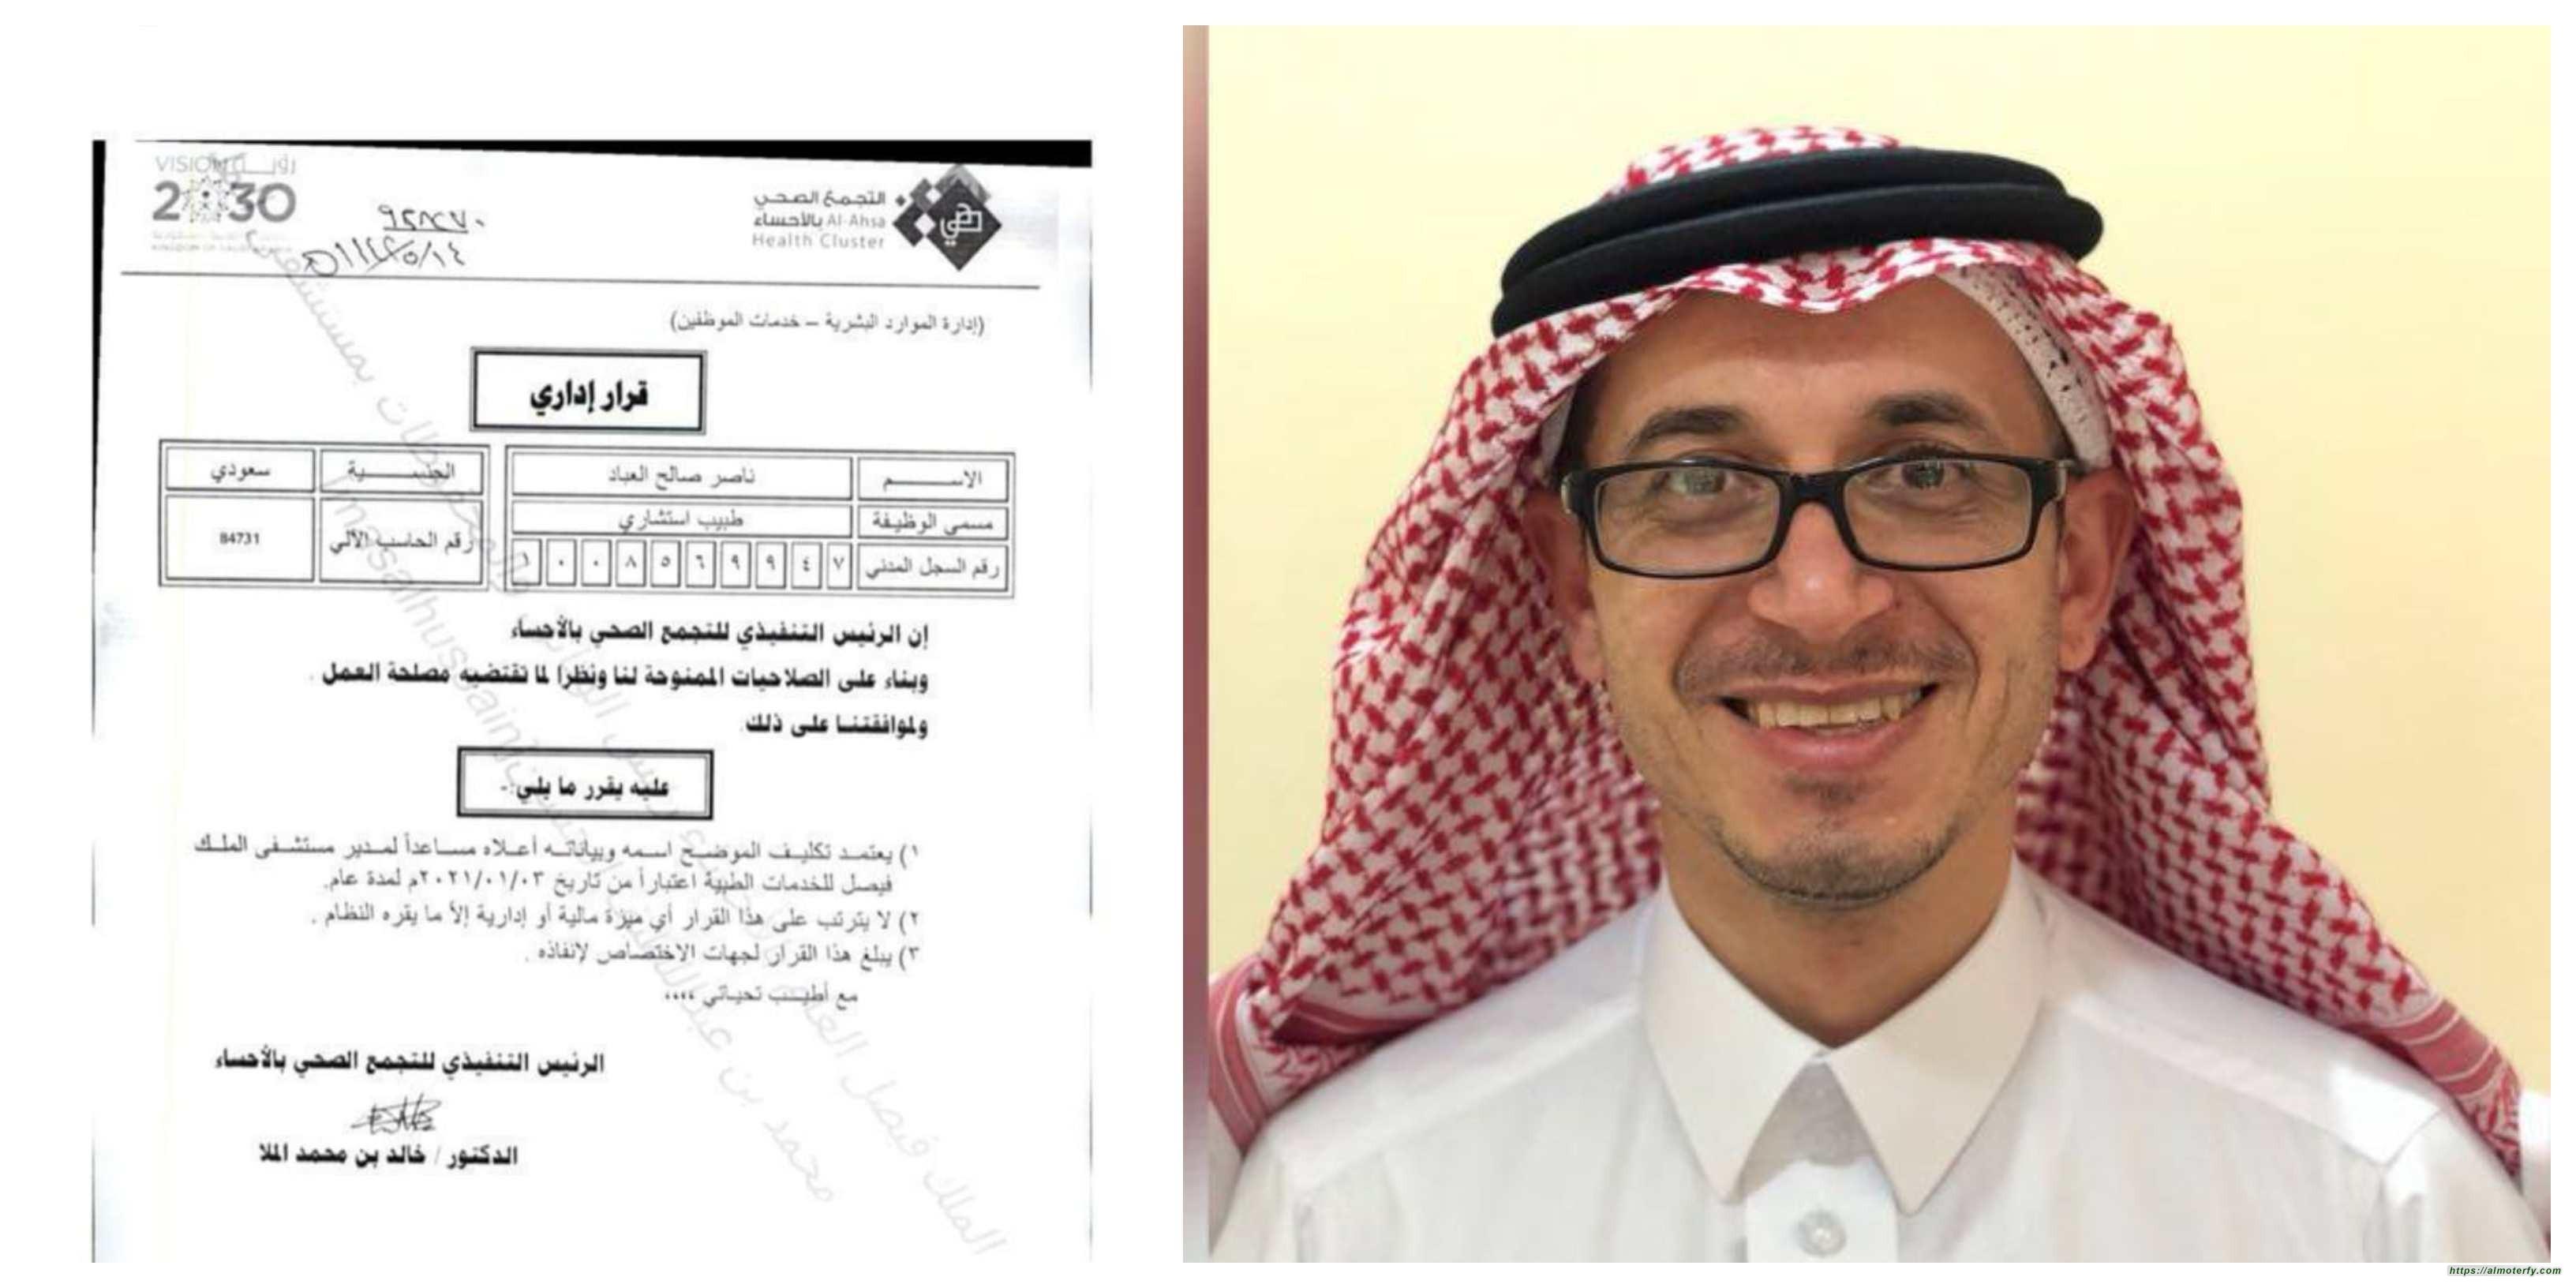 تهانينا للدكتور الاستشاري ناصر صالح العباد بمناسبة تعيينه مساعداً لمدير مستشفى الملك فيصل بالاحساء